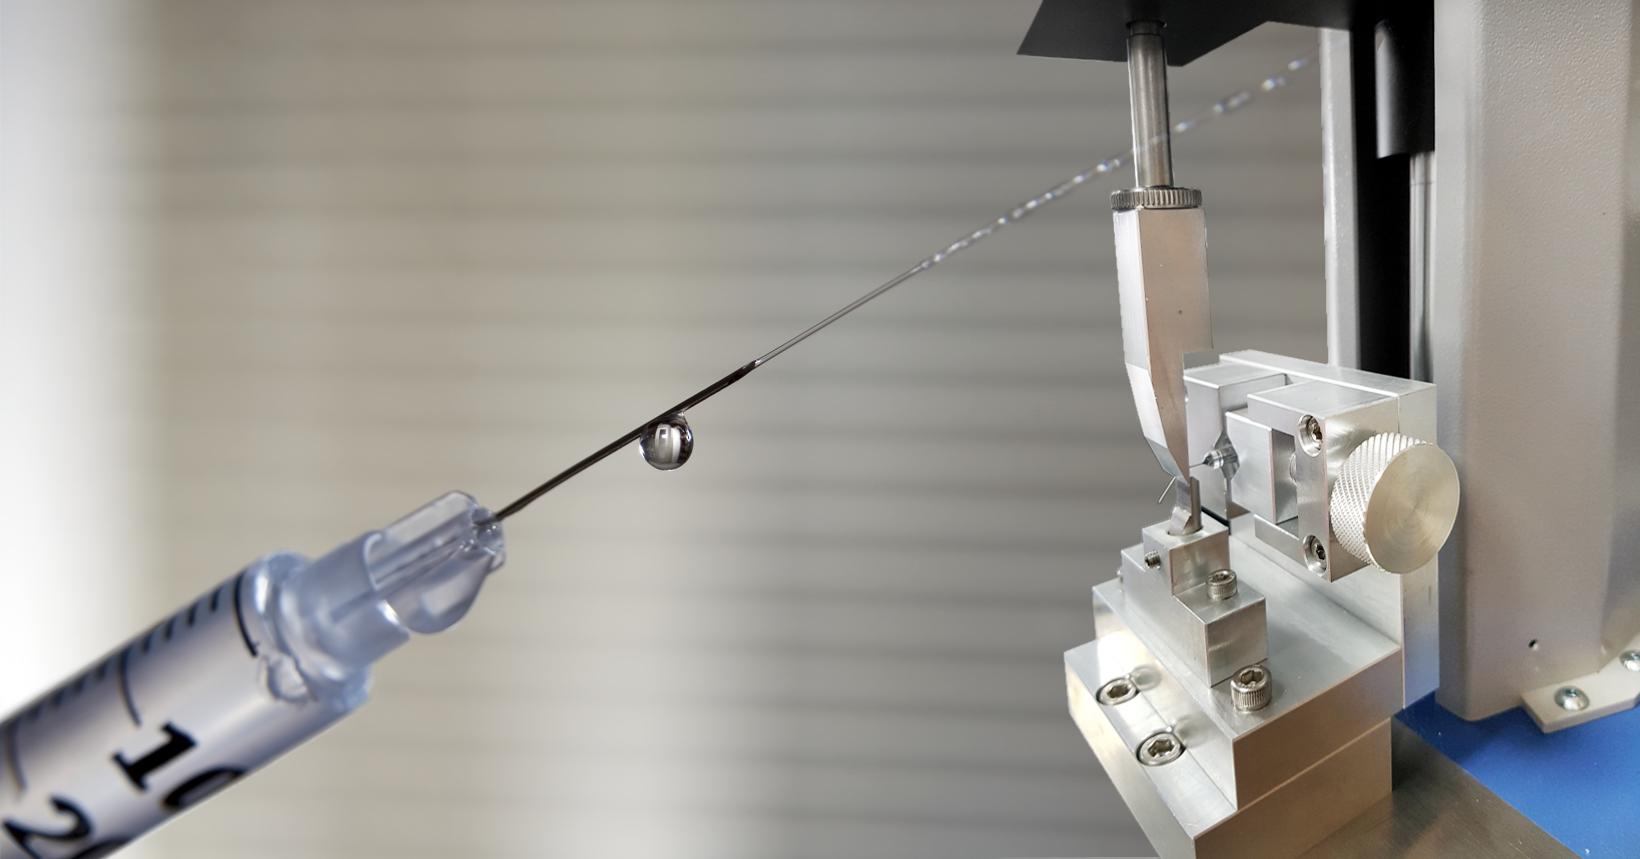 Syringe-bend-90-degrees-and-needle